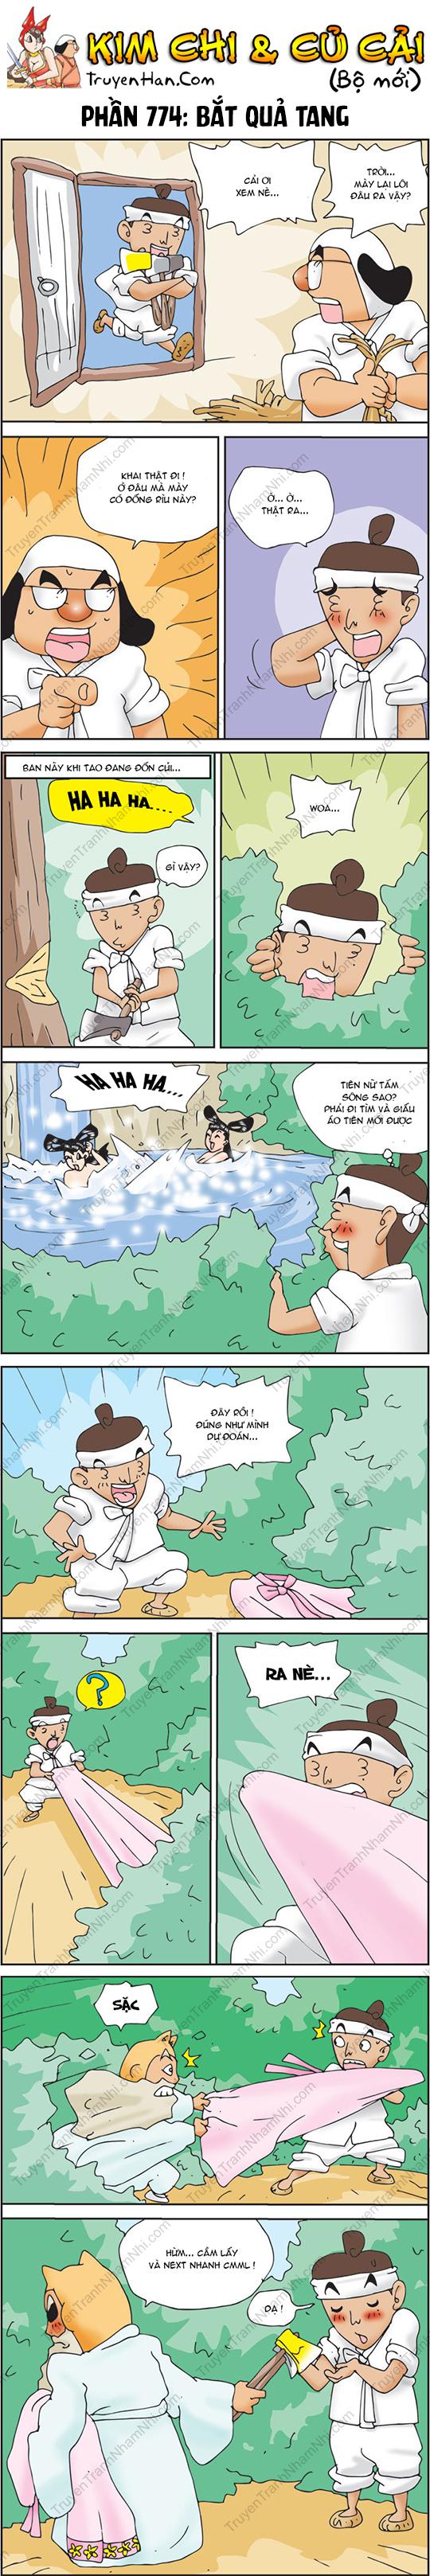 Kim Chi Và Củ Cải Phần 774: Bắt quả tang